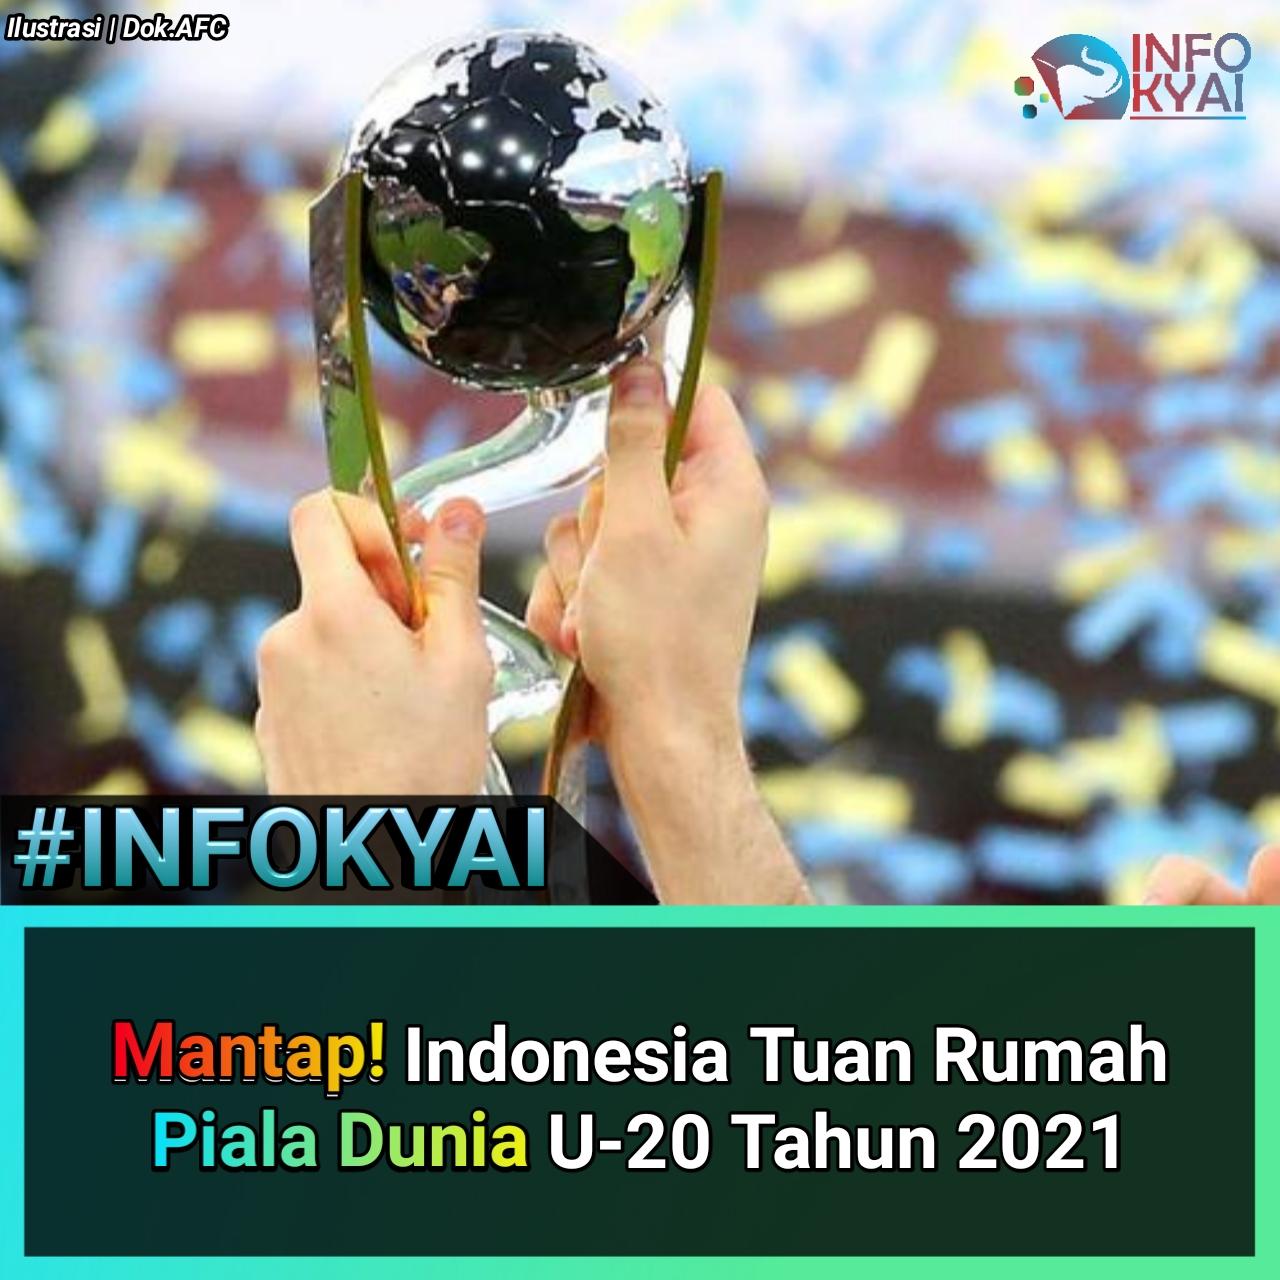 Mantap! Indonesia Tuan Rumah Piala Dunia U-20 Tahun 2021 ...